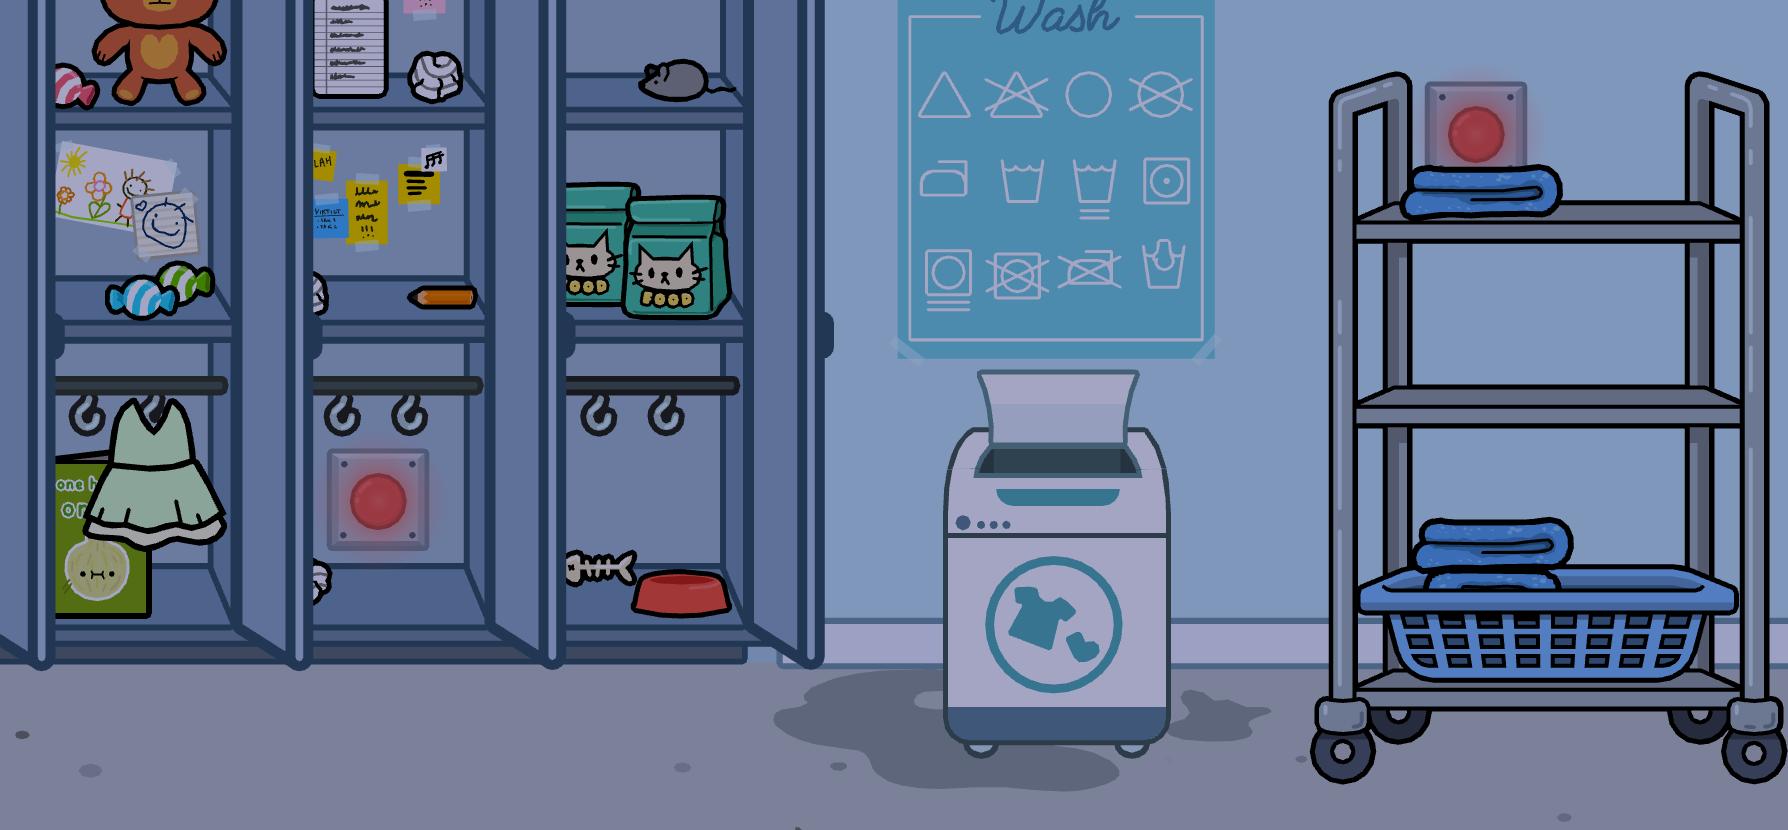 Кнопки в шкафу и справа от стиральной машины